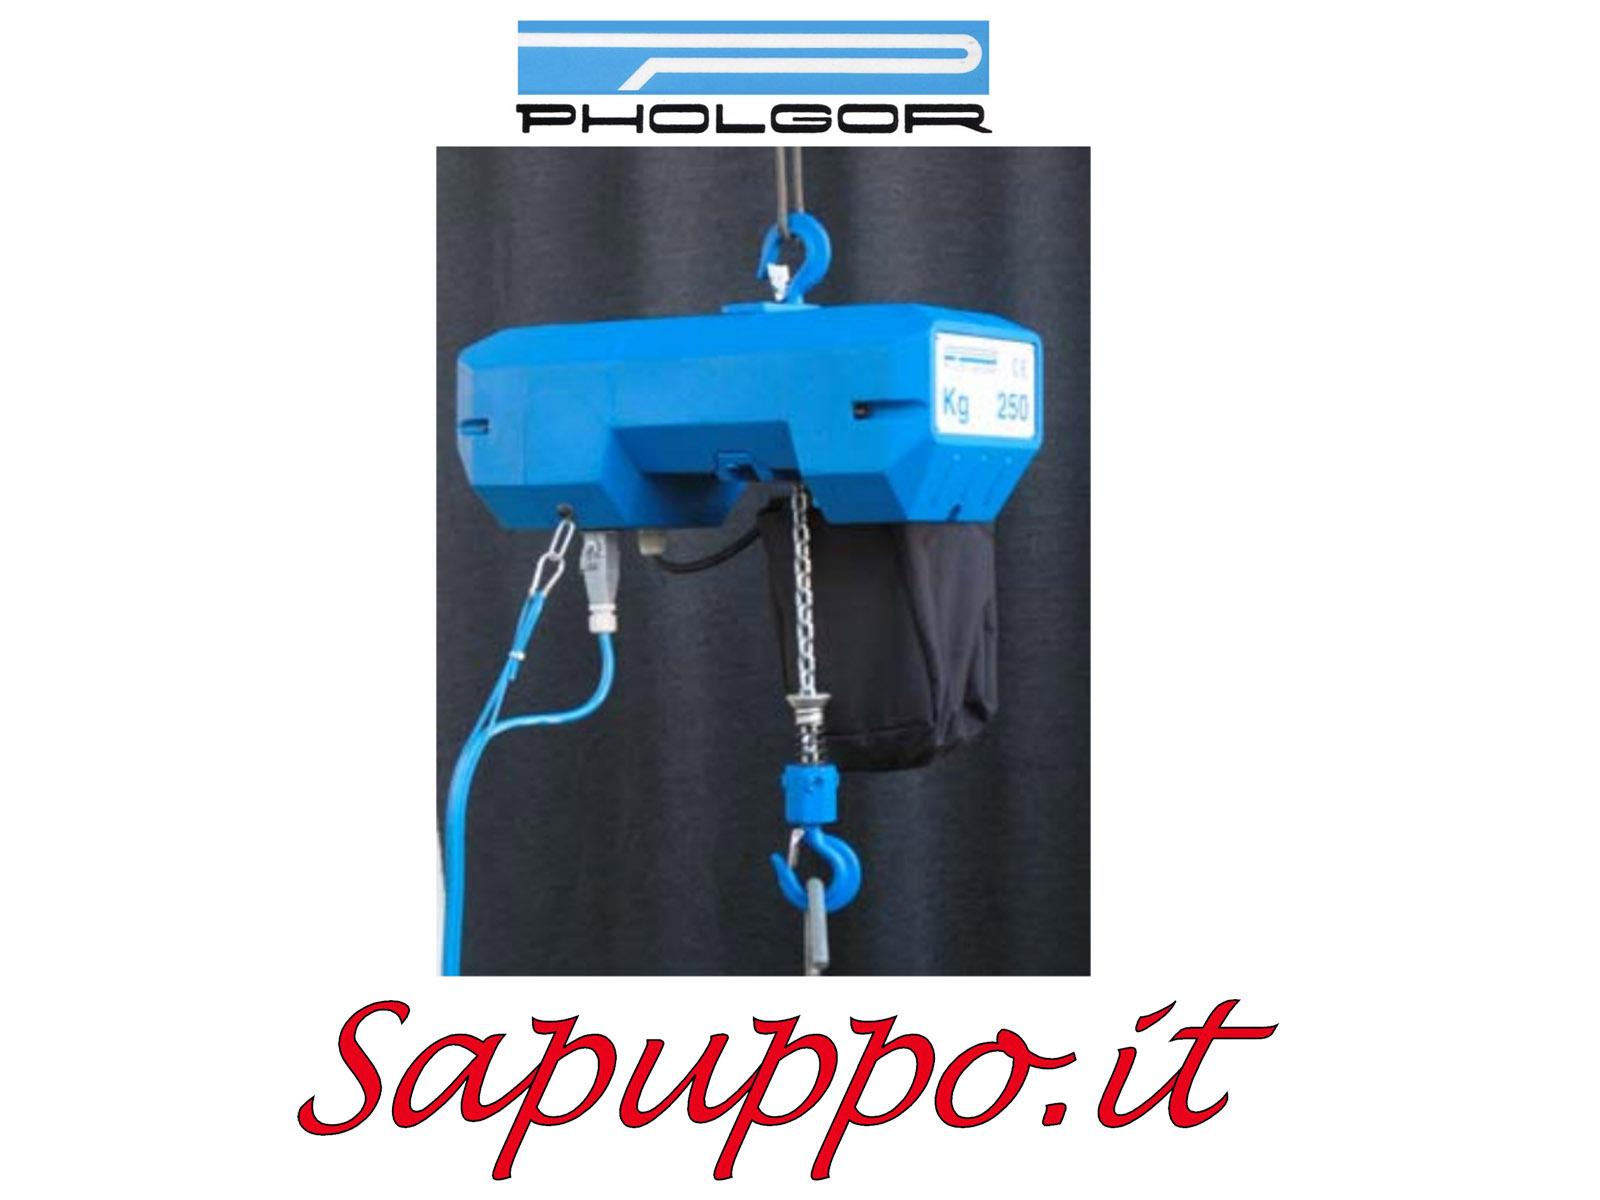 Paranco elettrico a catena a 1 velocità con carrello a traslazione elettrica -